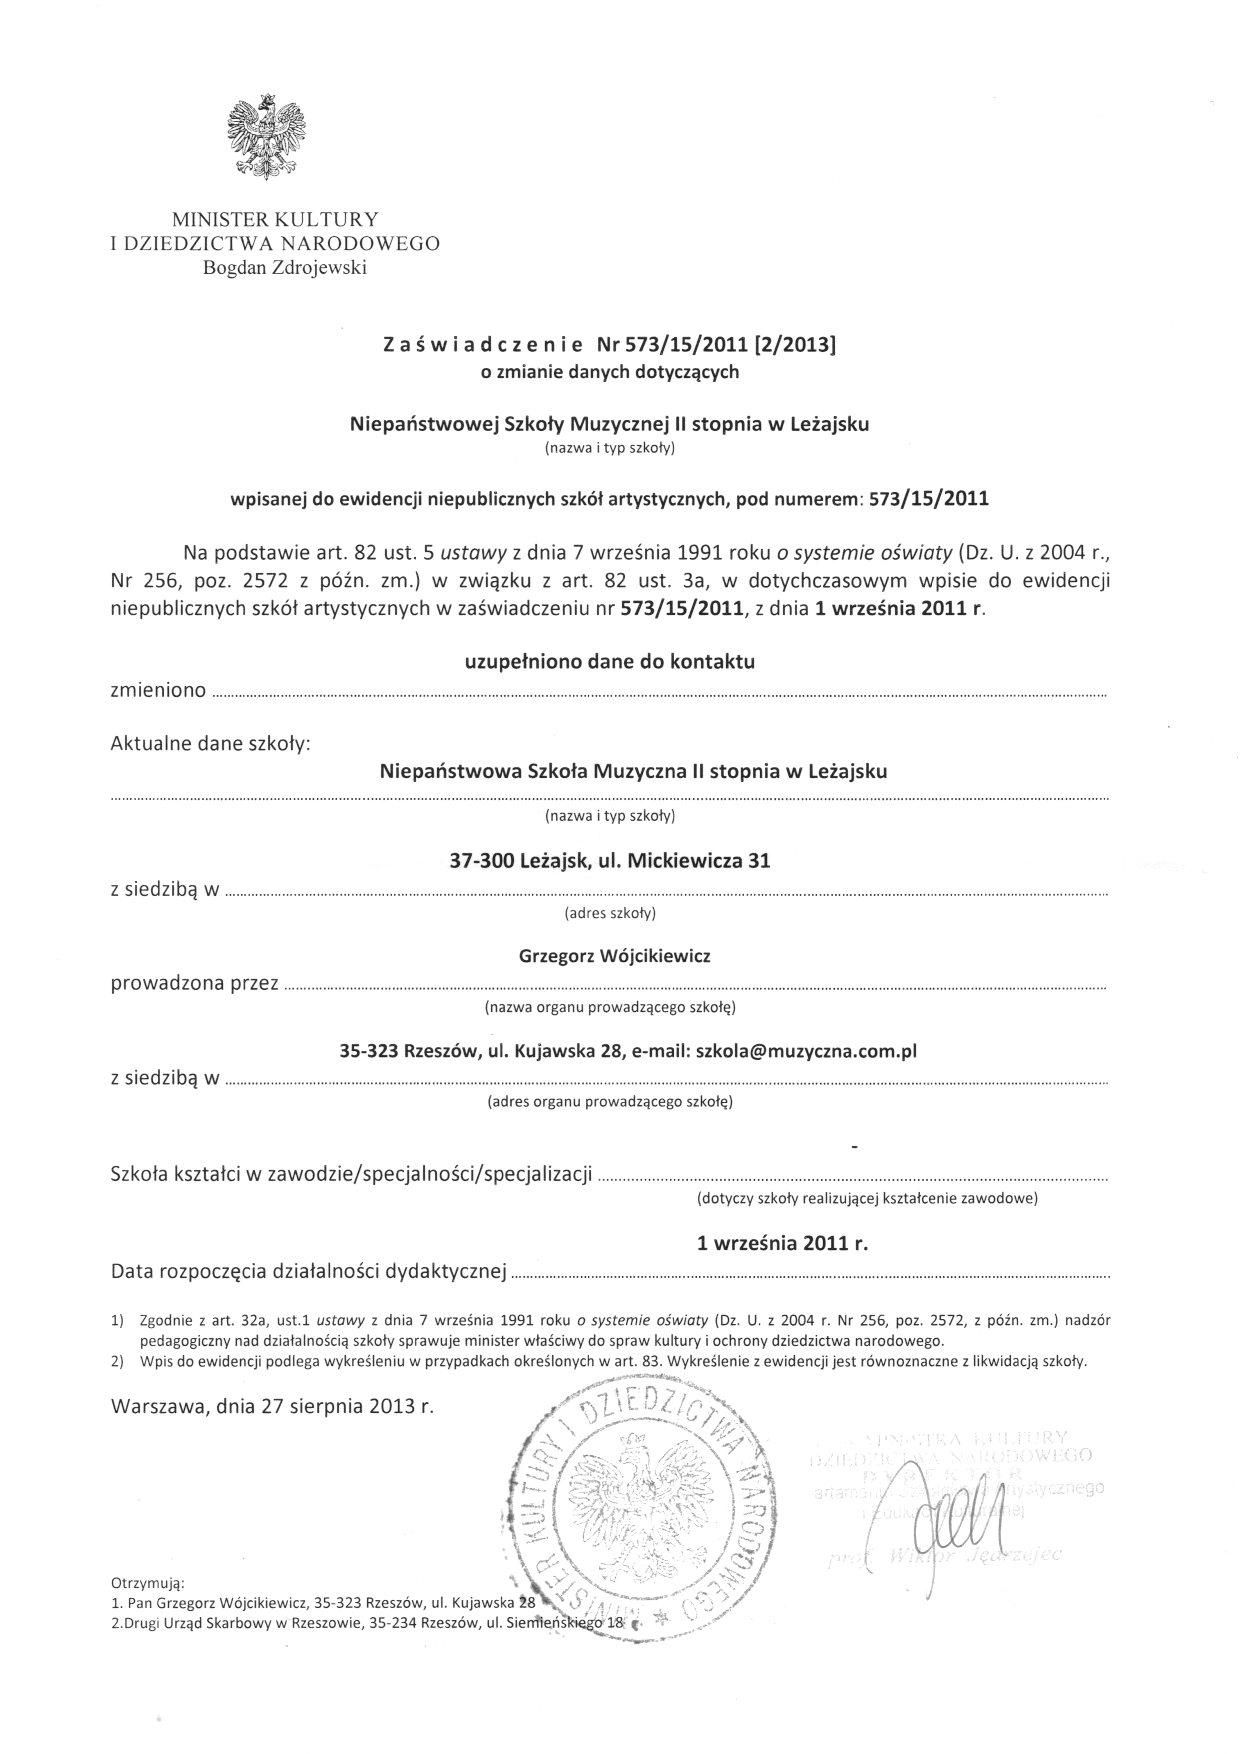 Zaświadczenie o wpisie do ewidencji szkół - NSM II st. w Leżajsku